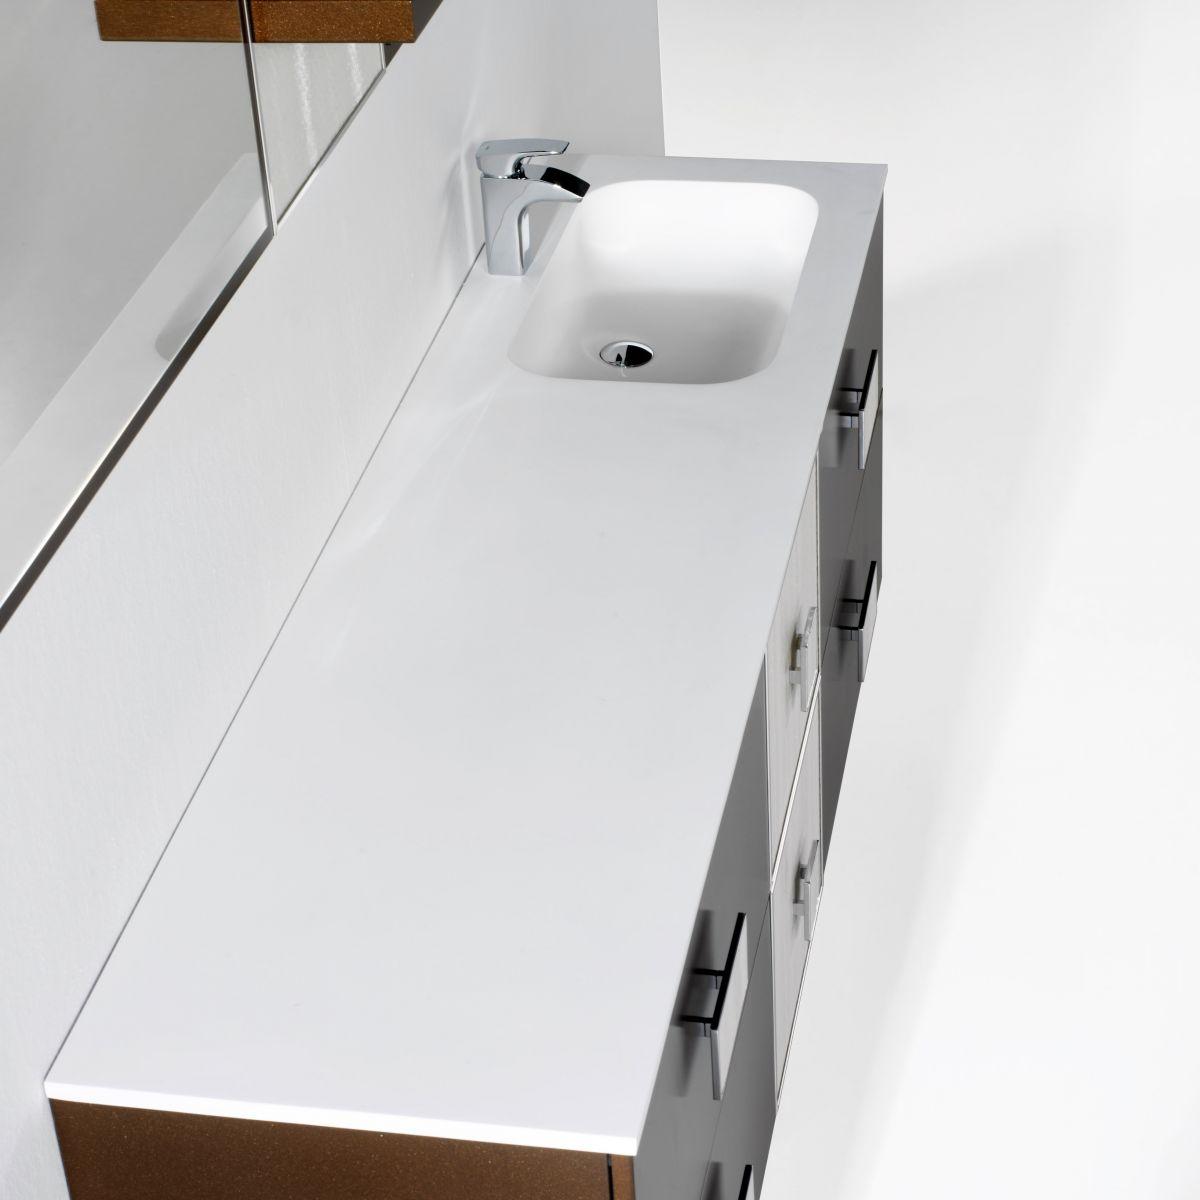 Neo ikebe fabrica de muebles de ba o a medida lavabos solid surface lavabos resina - Muebles de lavabo a medida ...